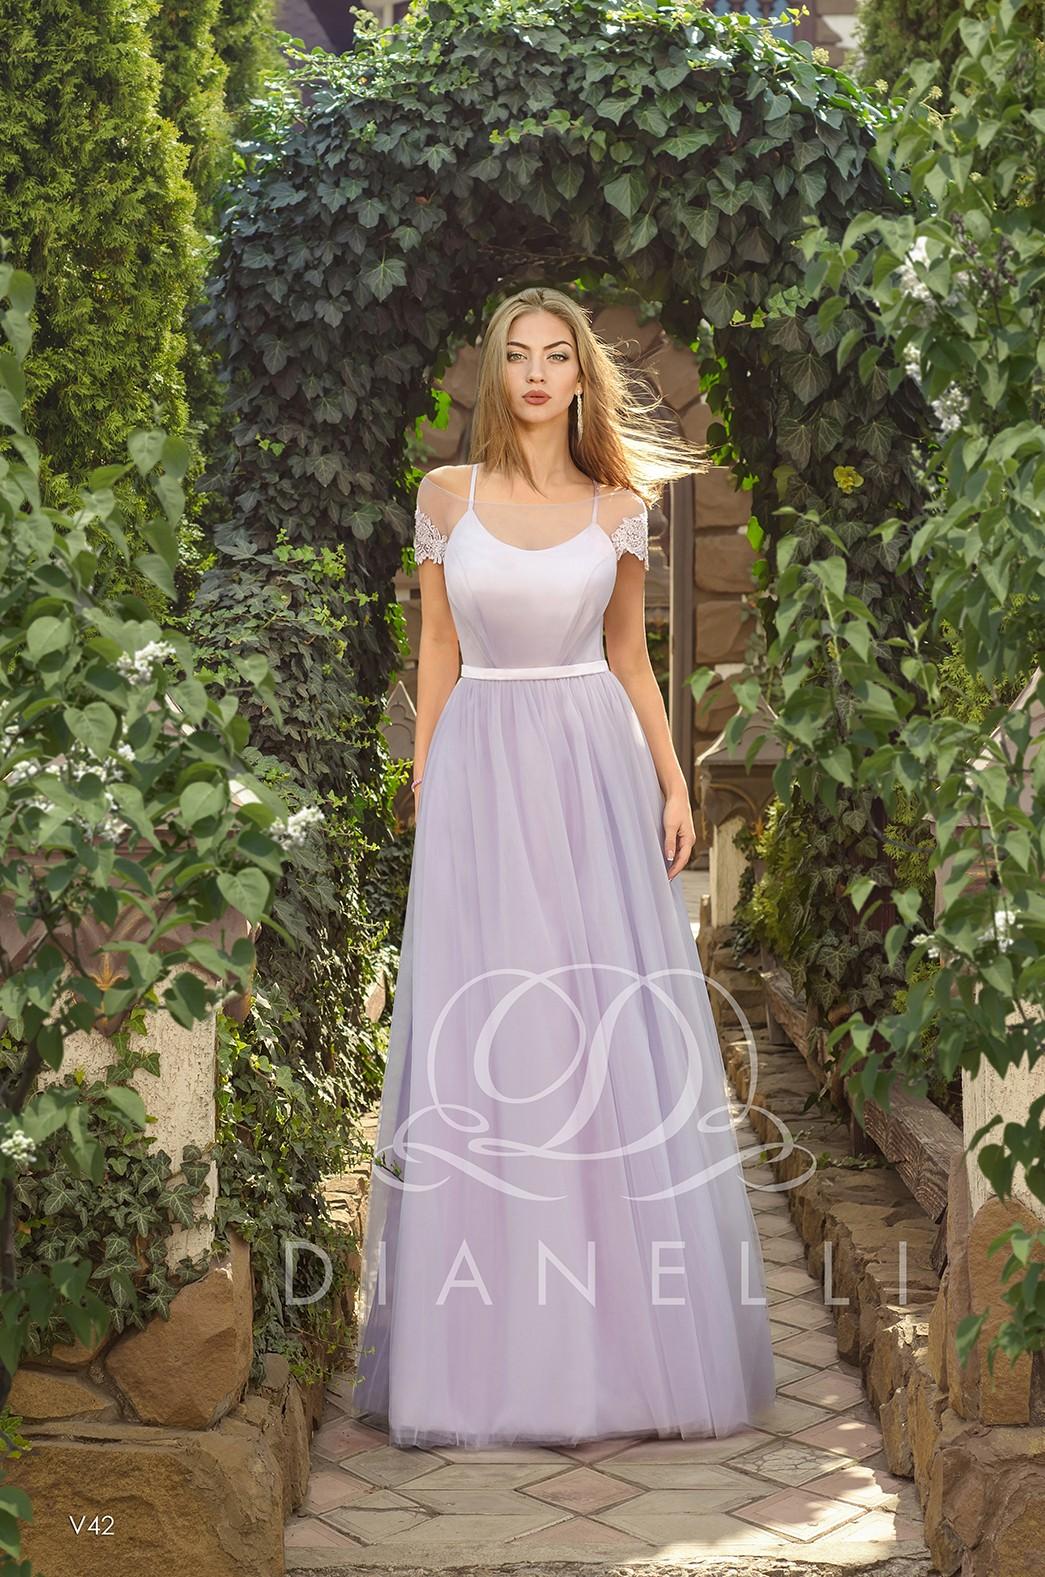 Вечерние платья 👗 в Санкт-Петербурге - каталог, цены, фото в ... d48b0523162